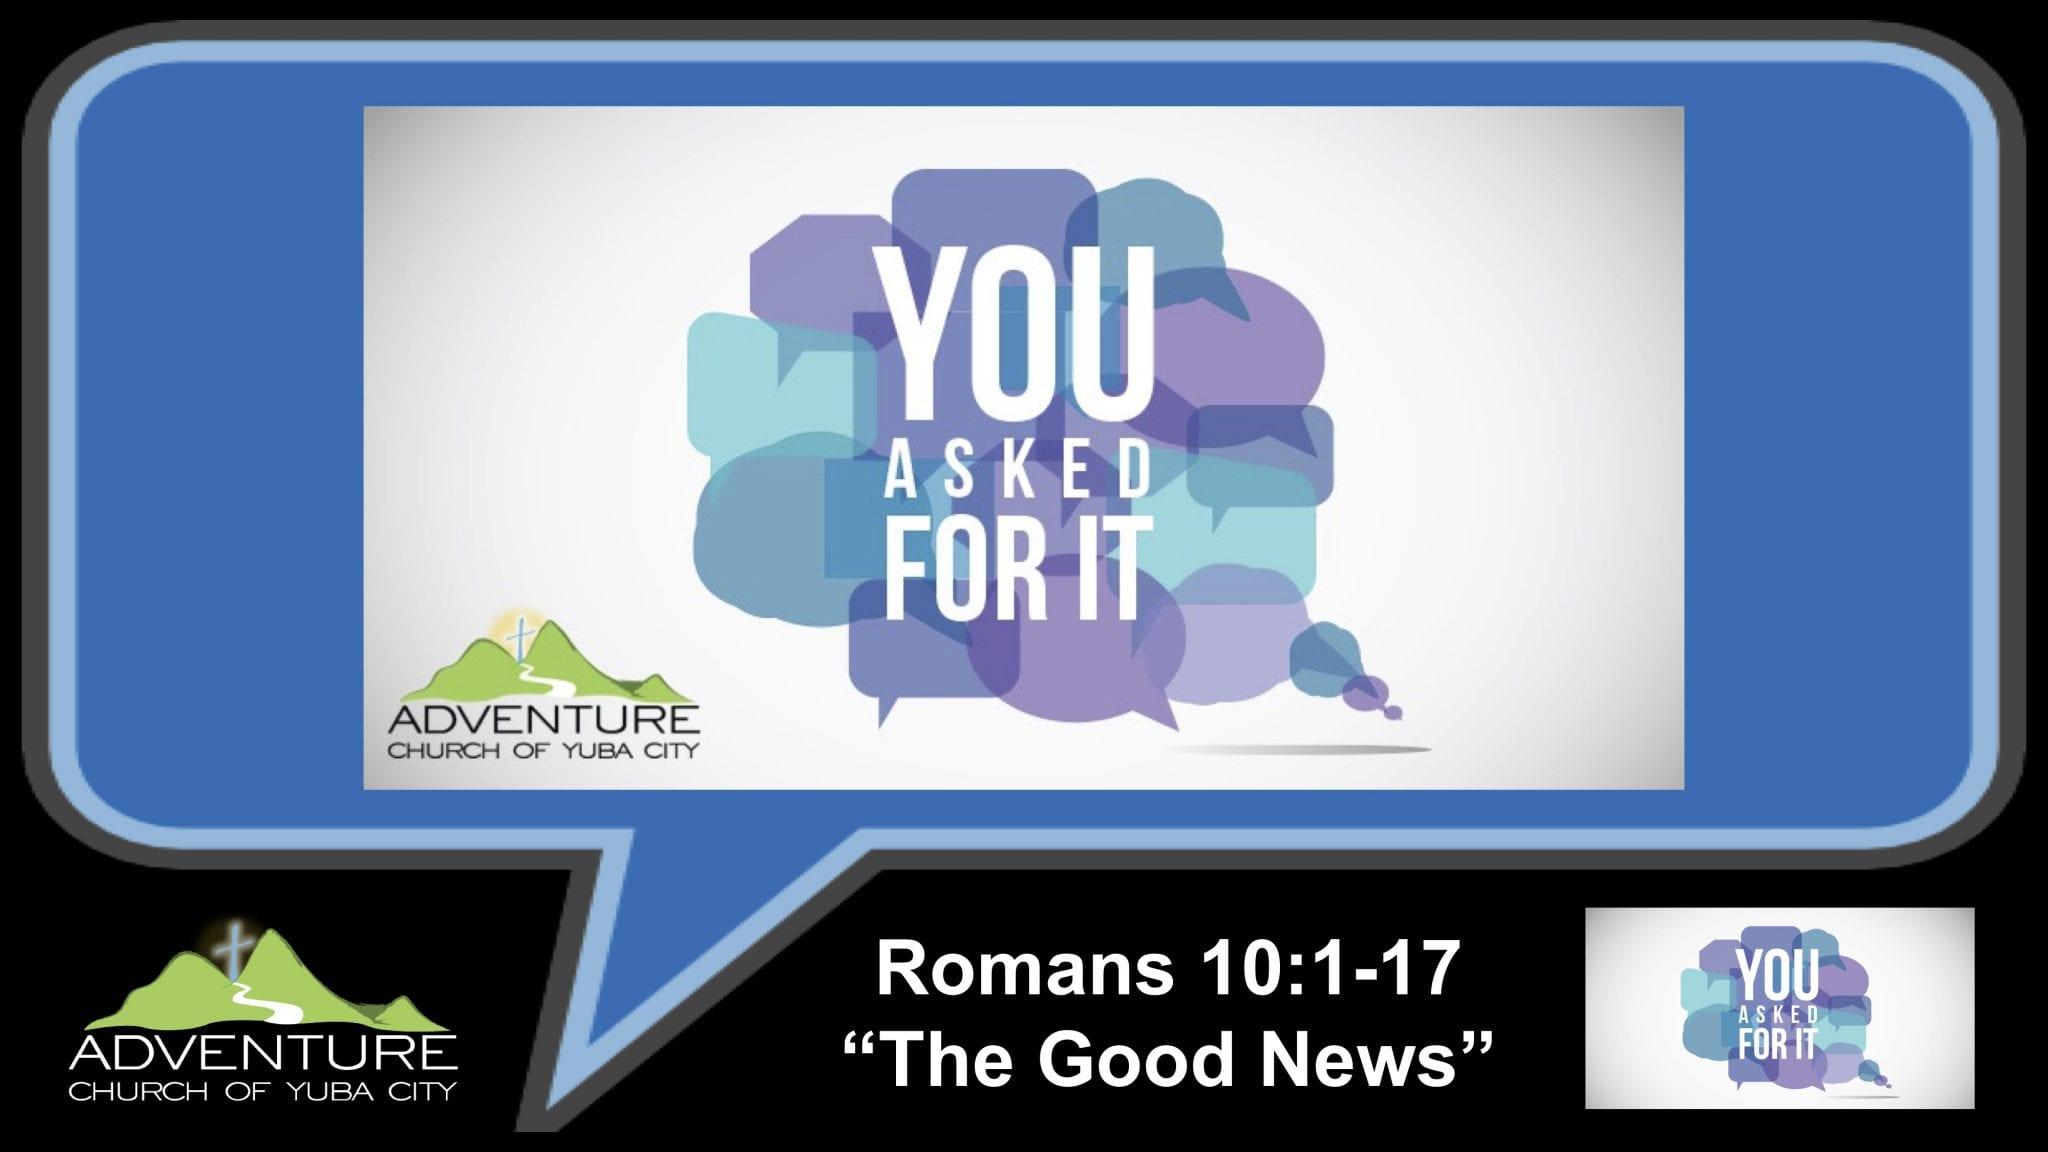 3-The Good News